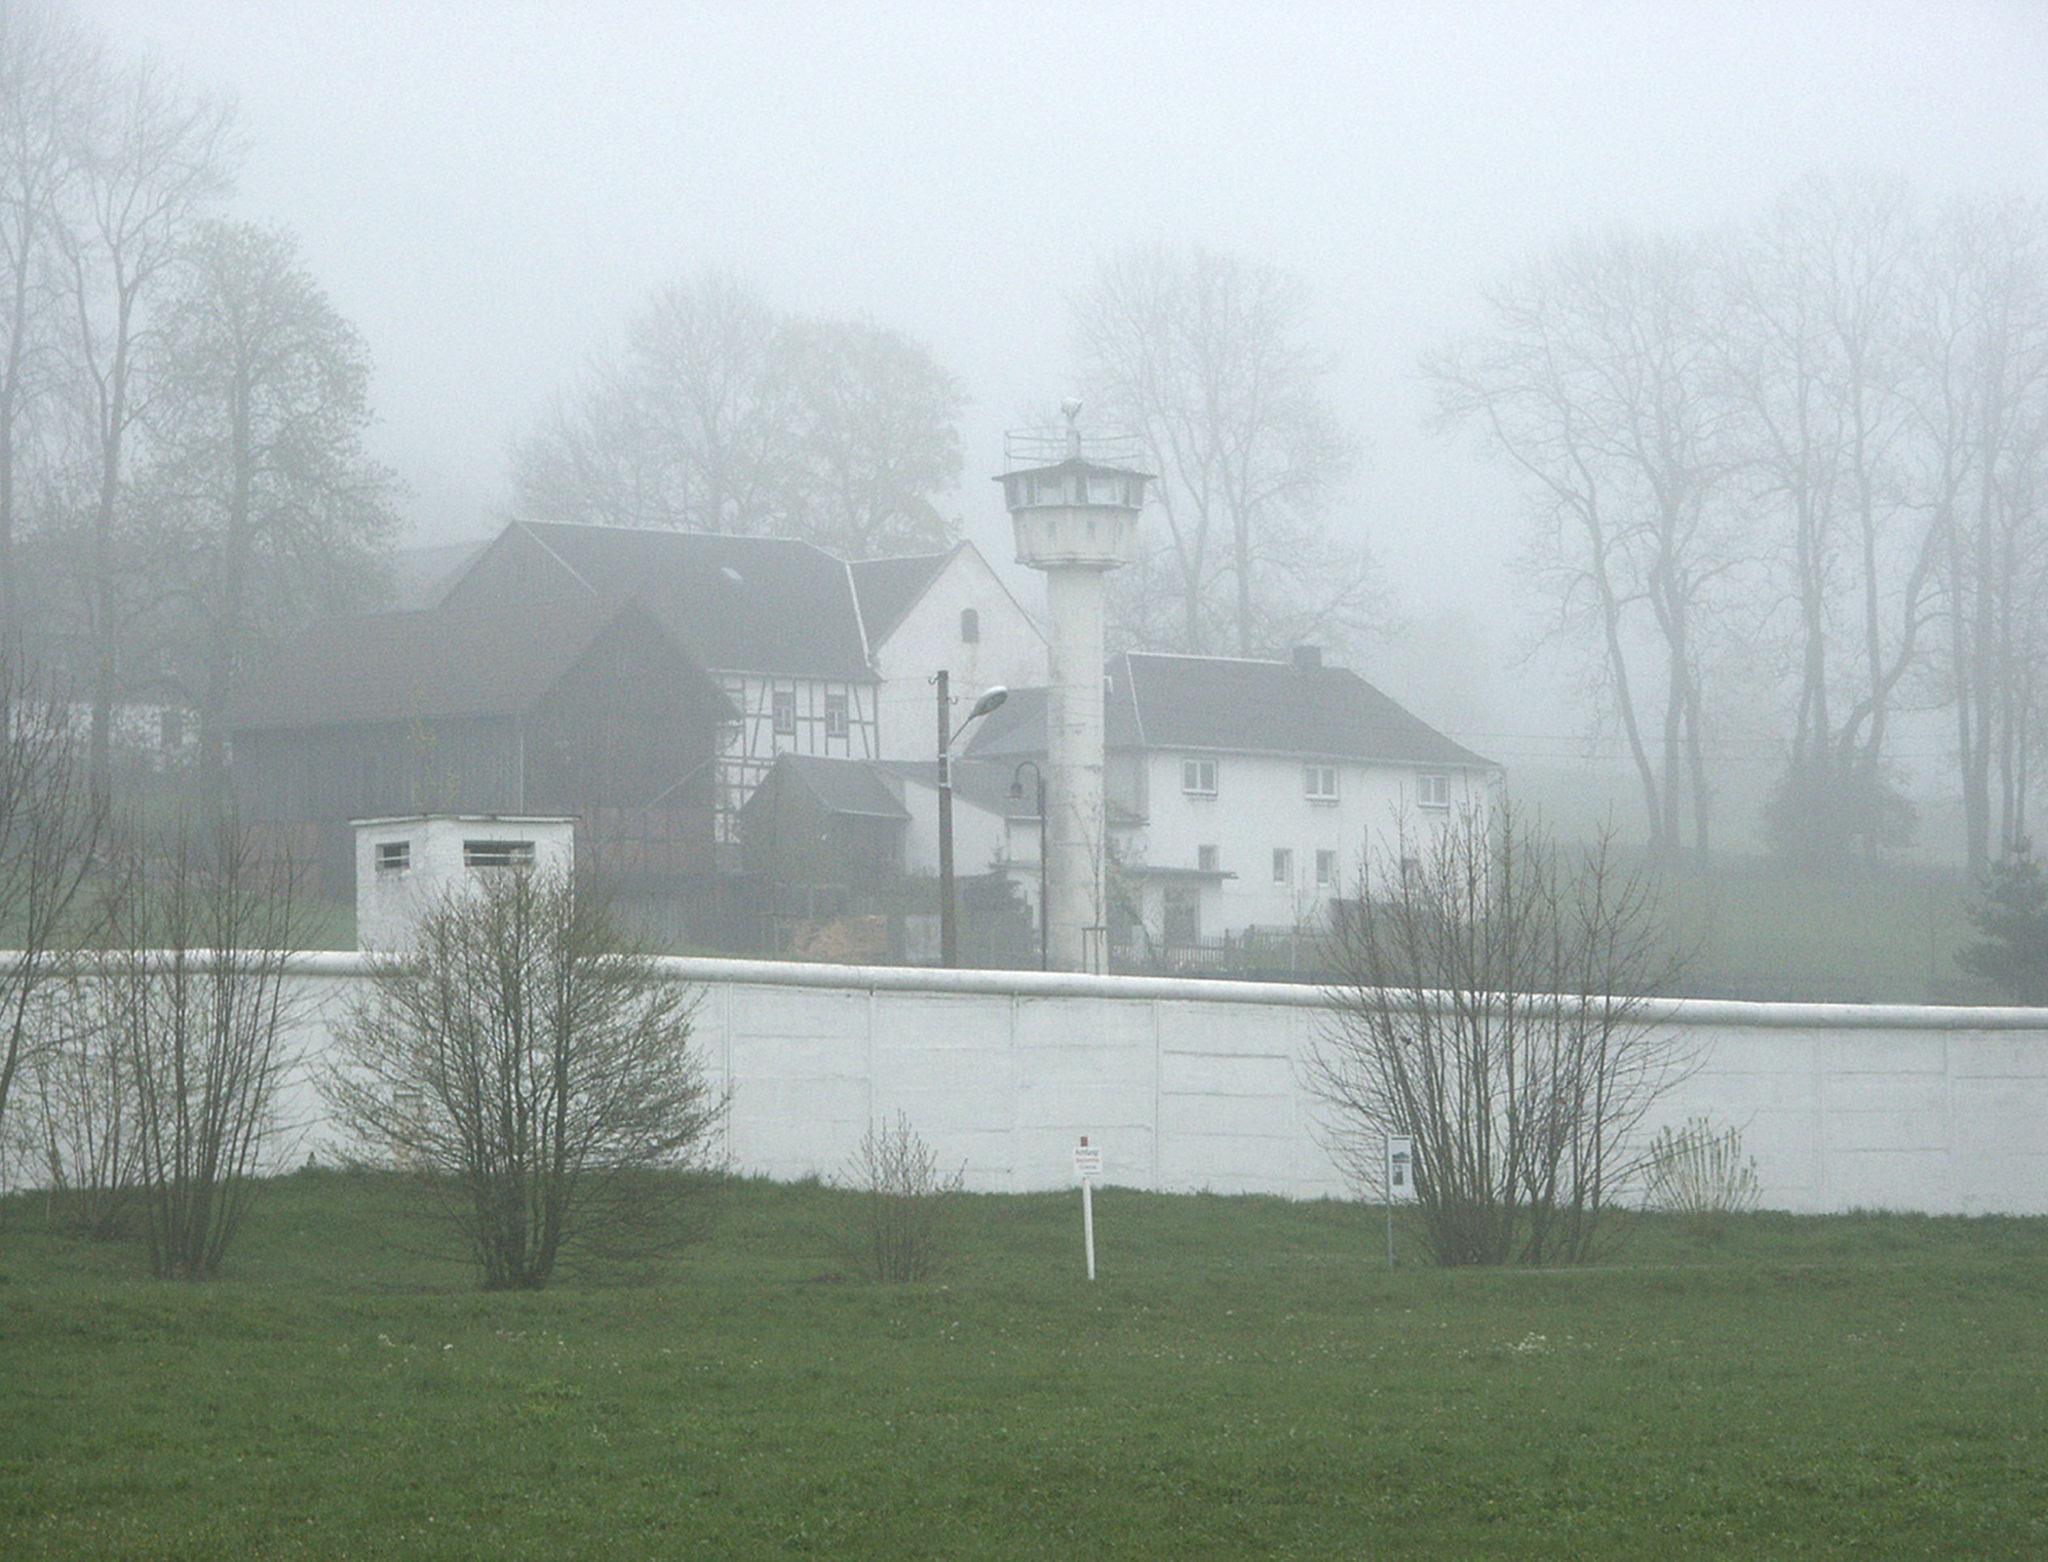 Blick auf das ehemals geteilte Dorf Mödlareuth an der bayerisch-thüringischen Grenze im Landkreis Hof.